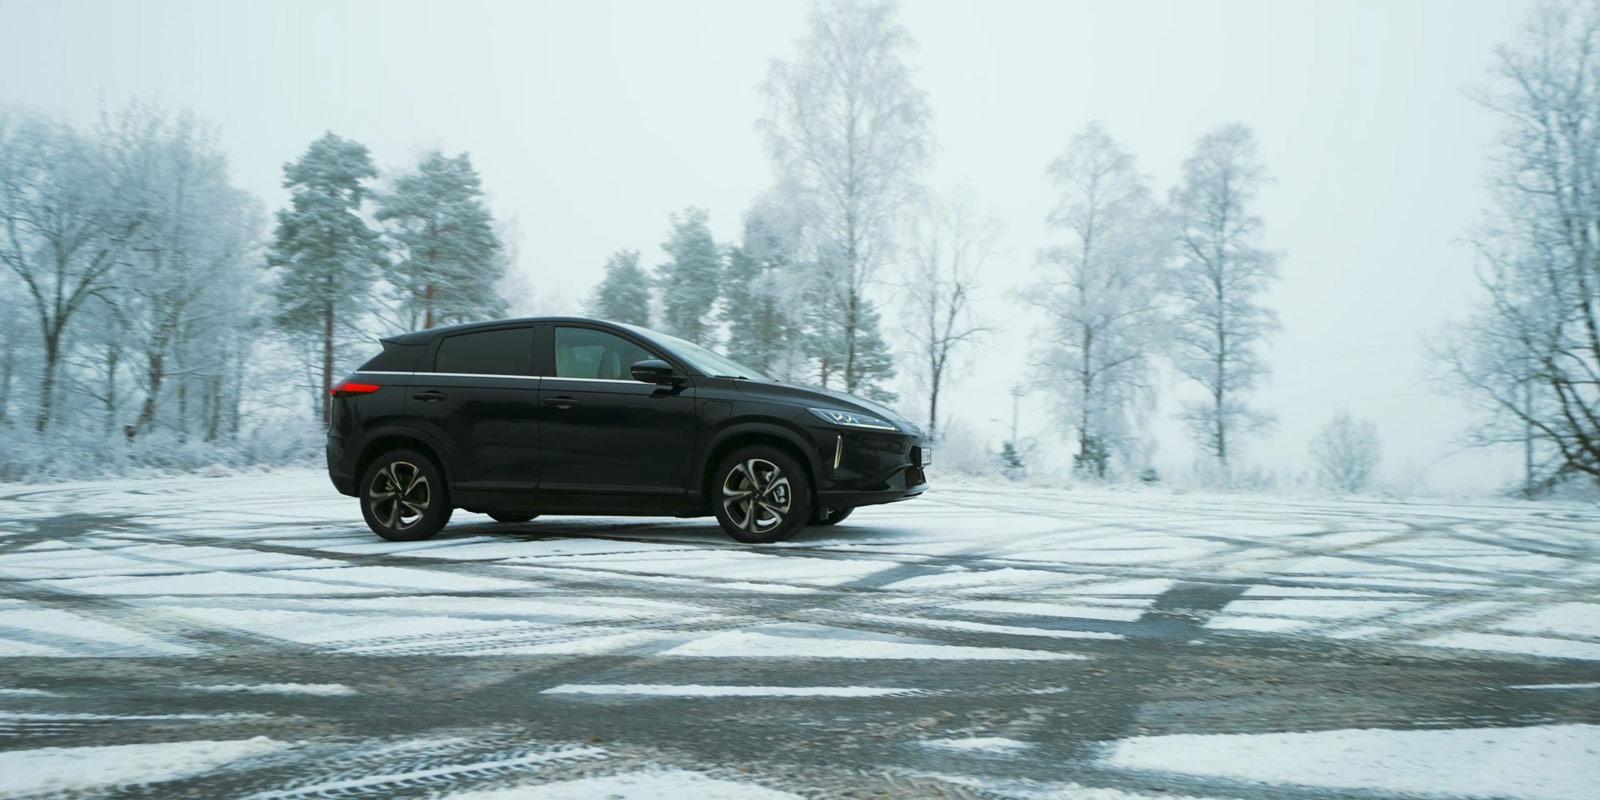 В Норвегию прибыли первые электромобили Xpeng G3, в том числе, предназначенные для покупателей за Полярным кругом